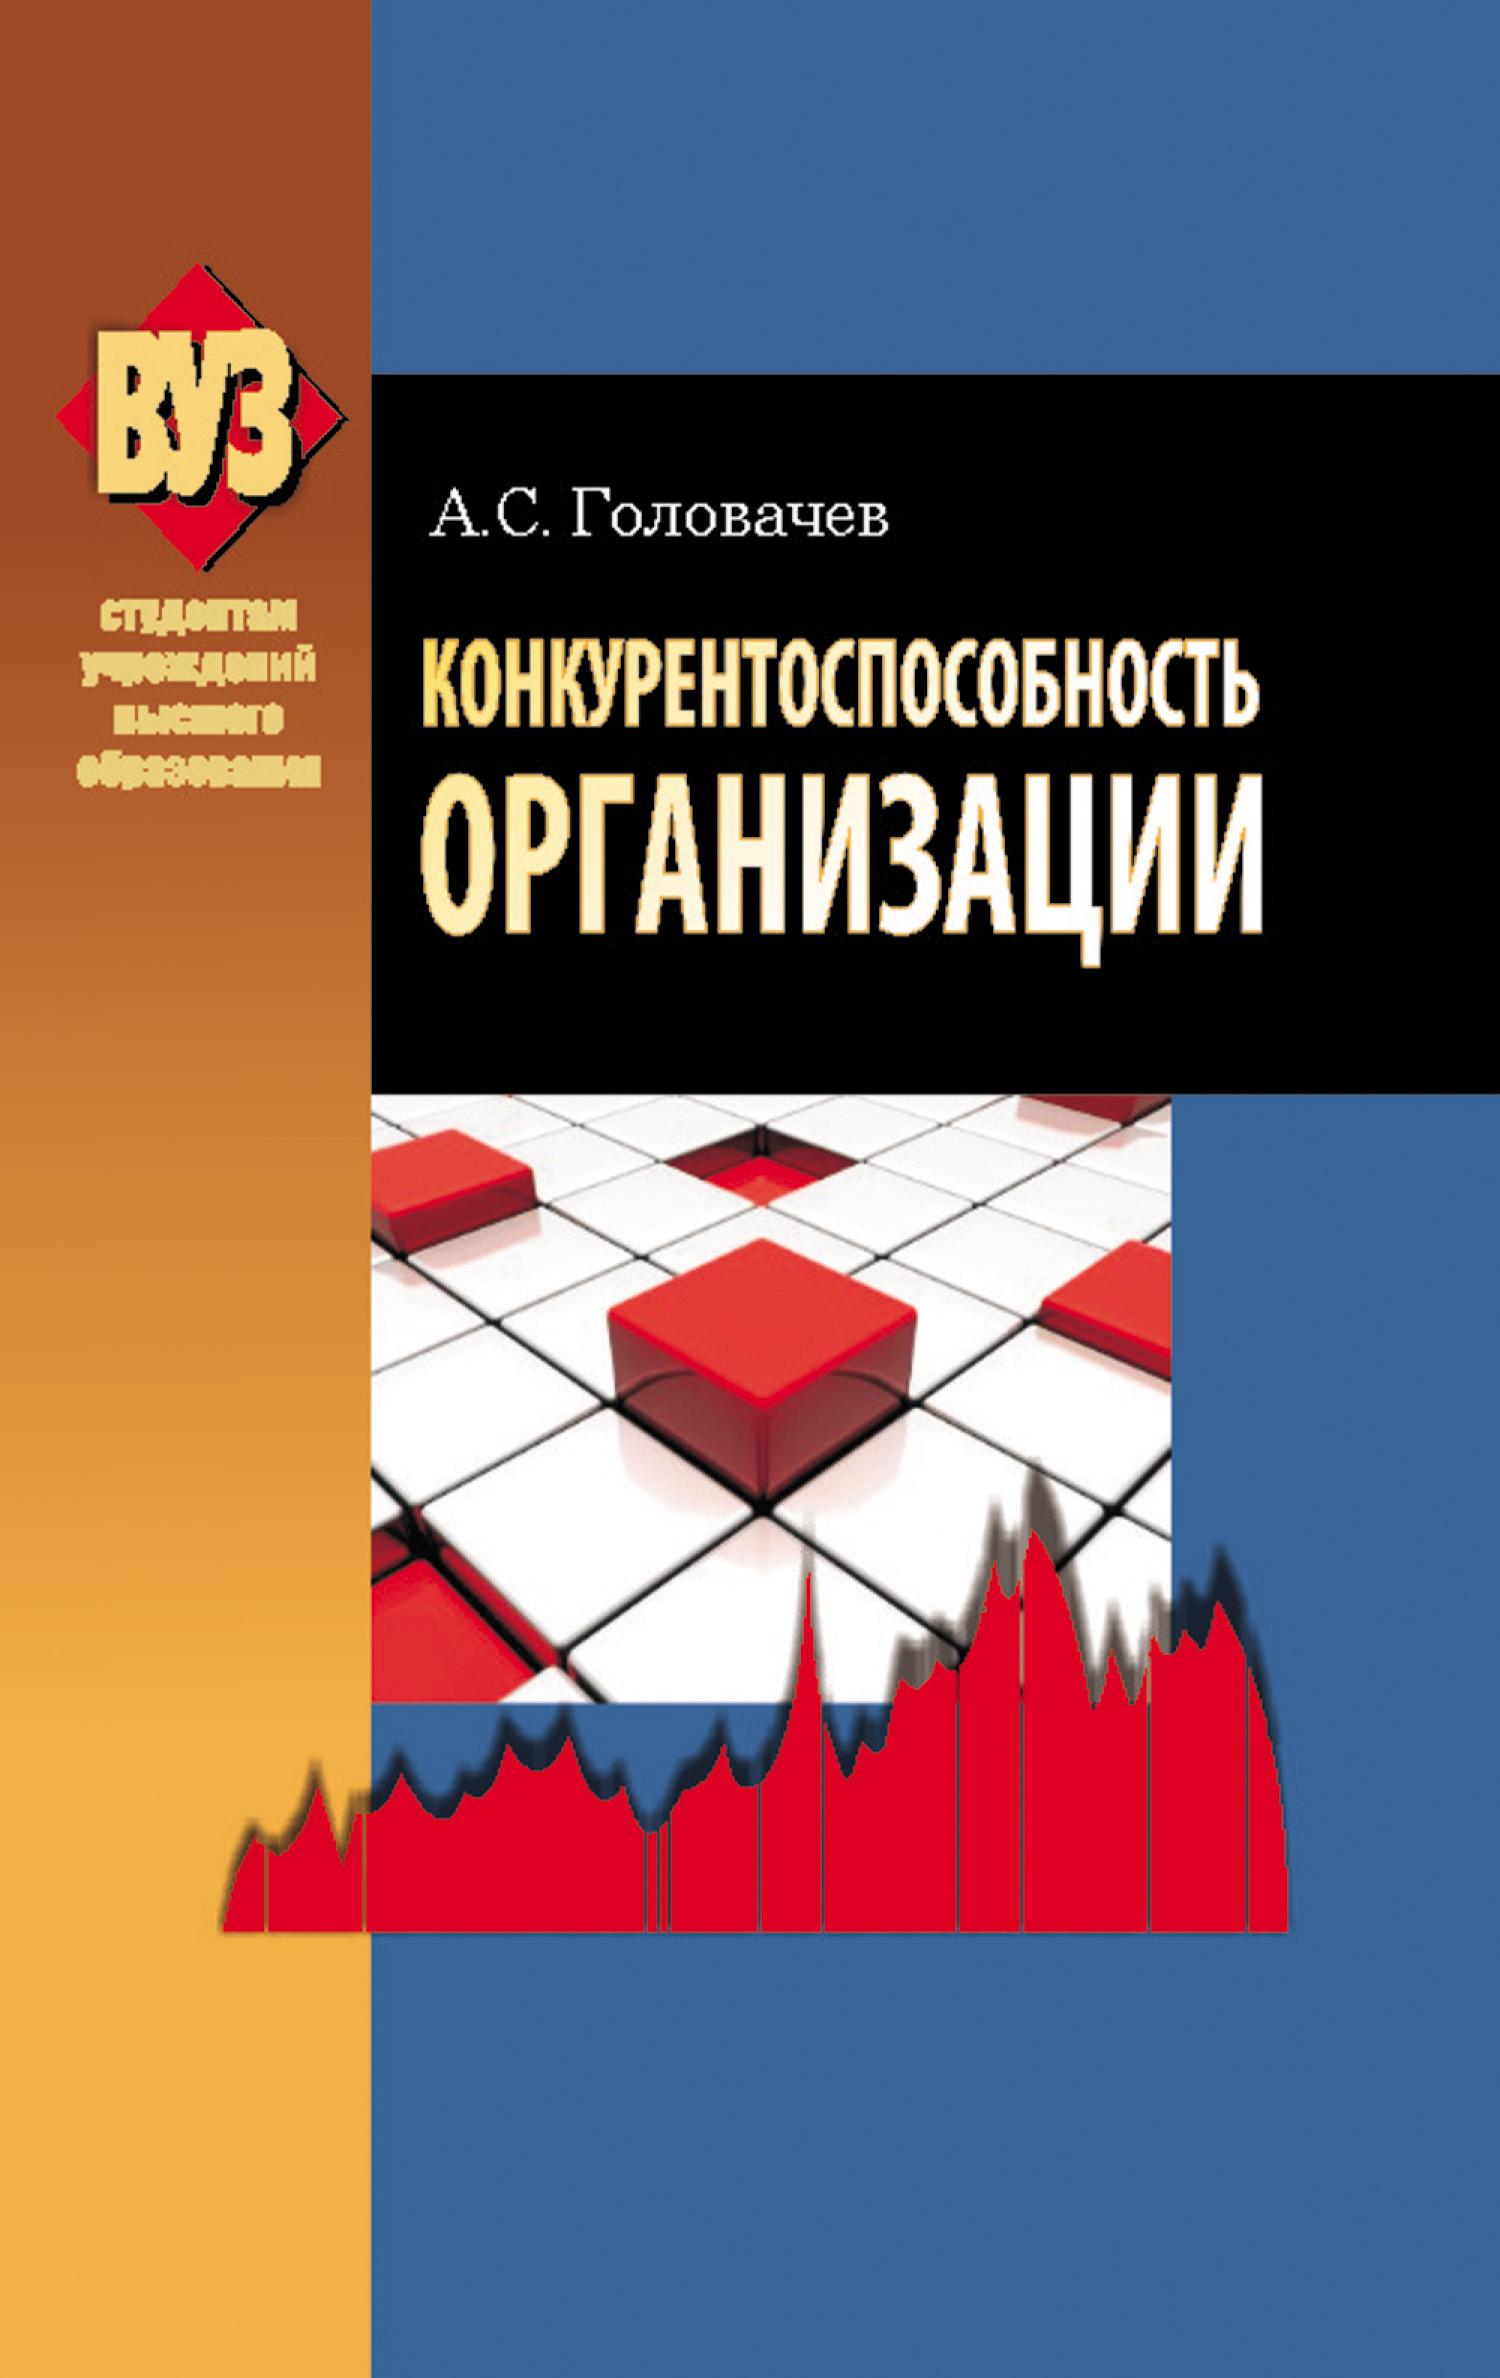 А. С. Головачев Конкурентоспособность организации м а шуваев интегральная оценка конкурентоспособности строительного предприятия